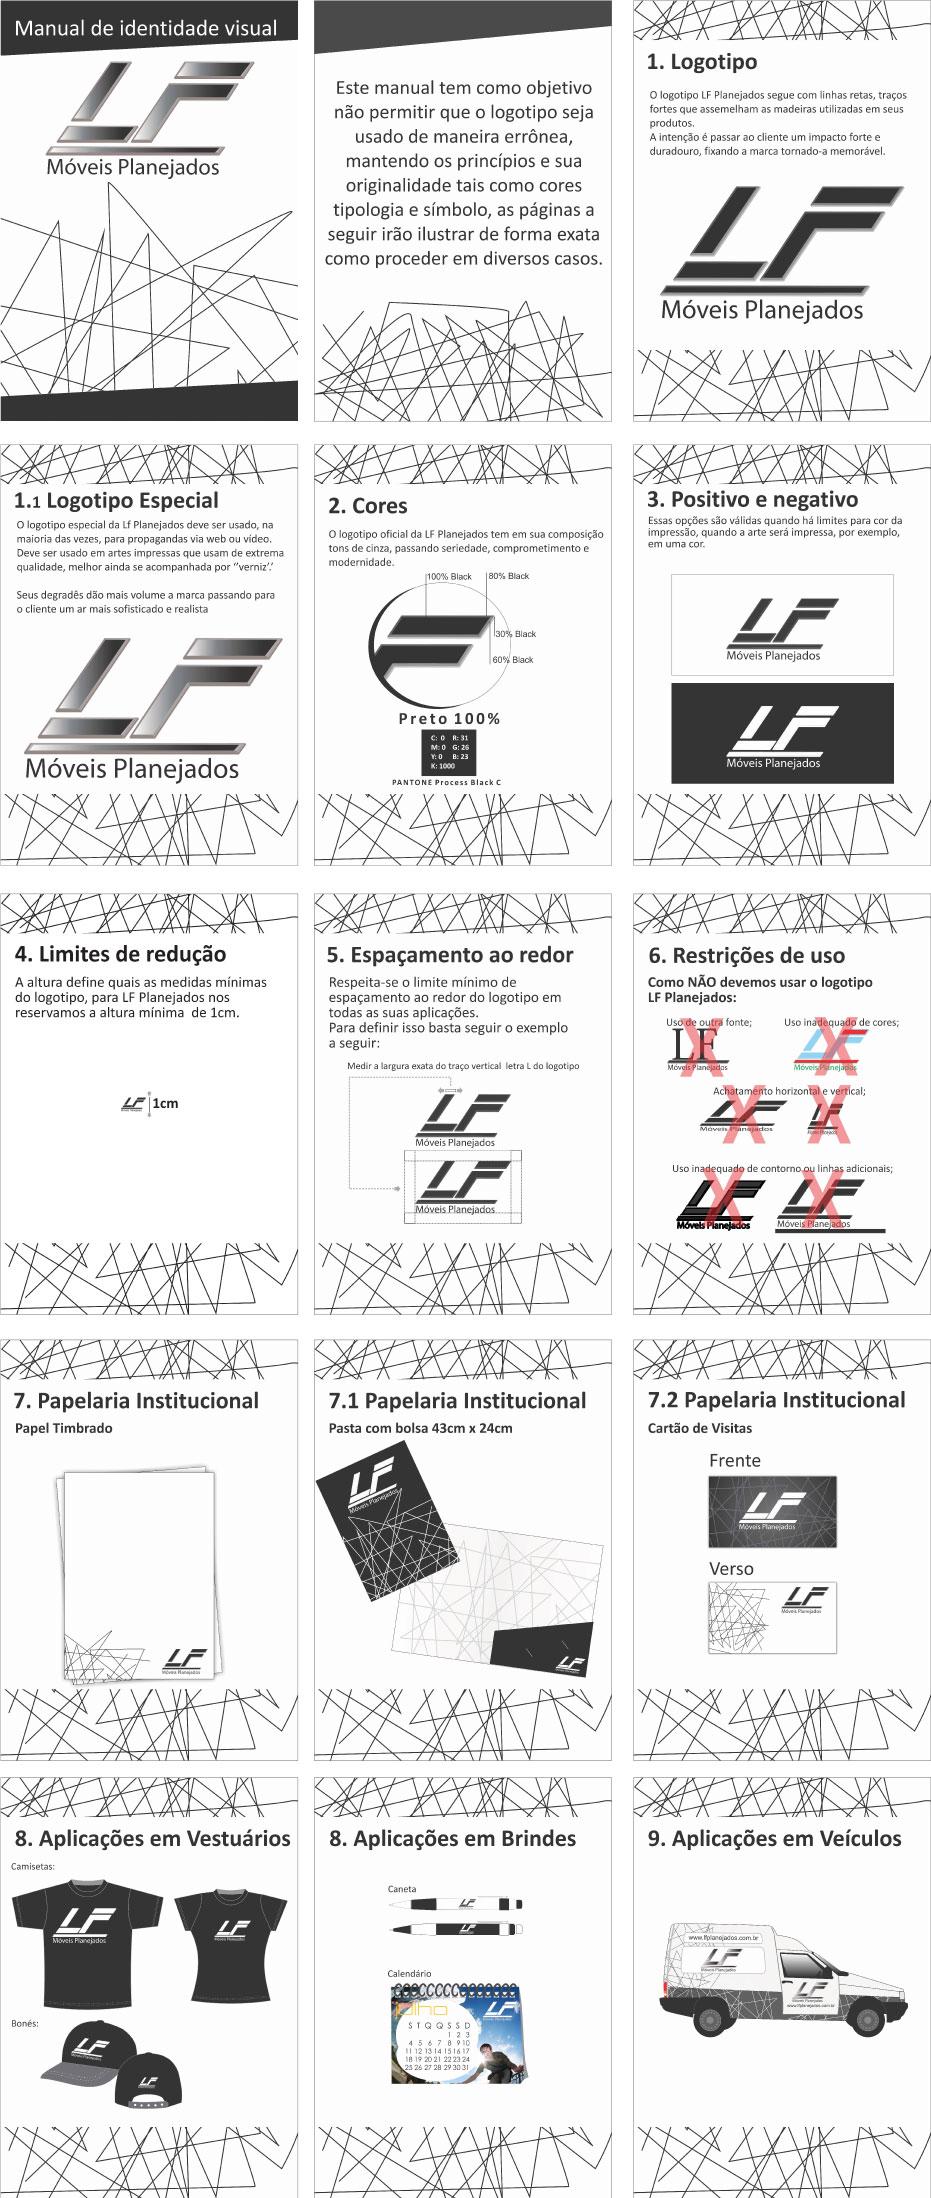 identidade_visual_lf_planejados